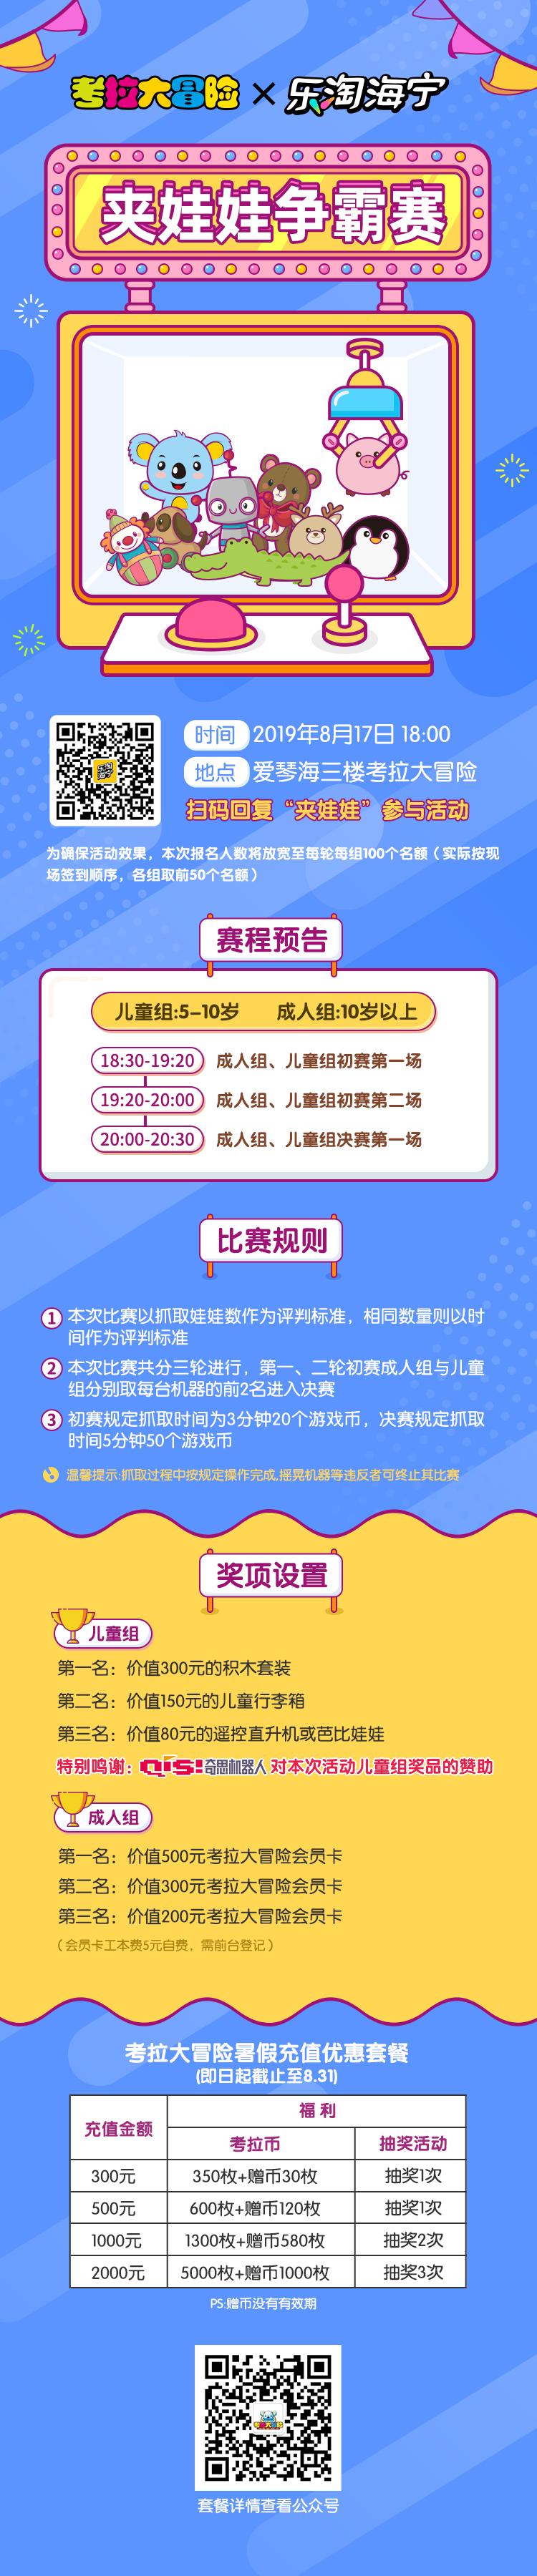 长图(5).jpg